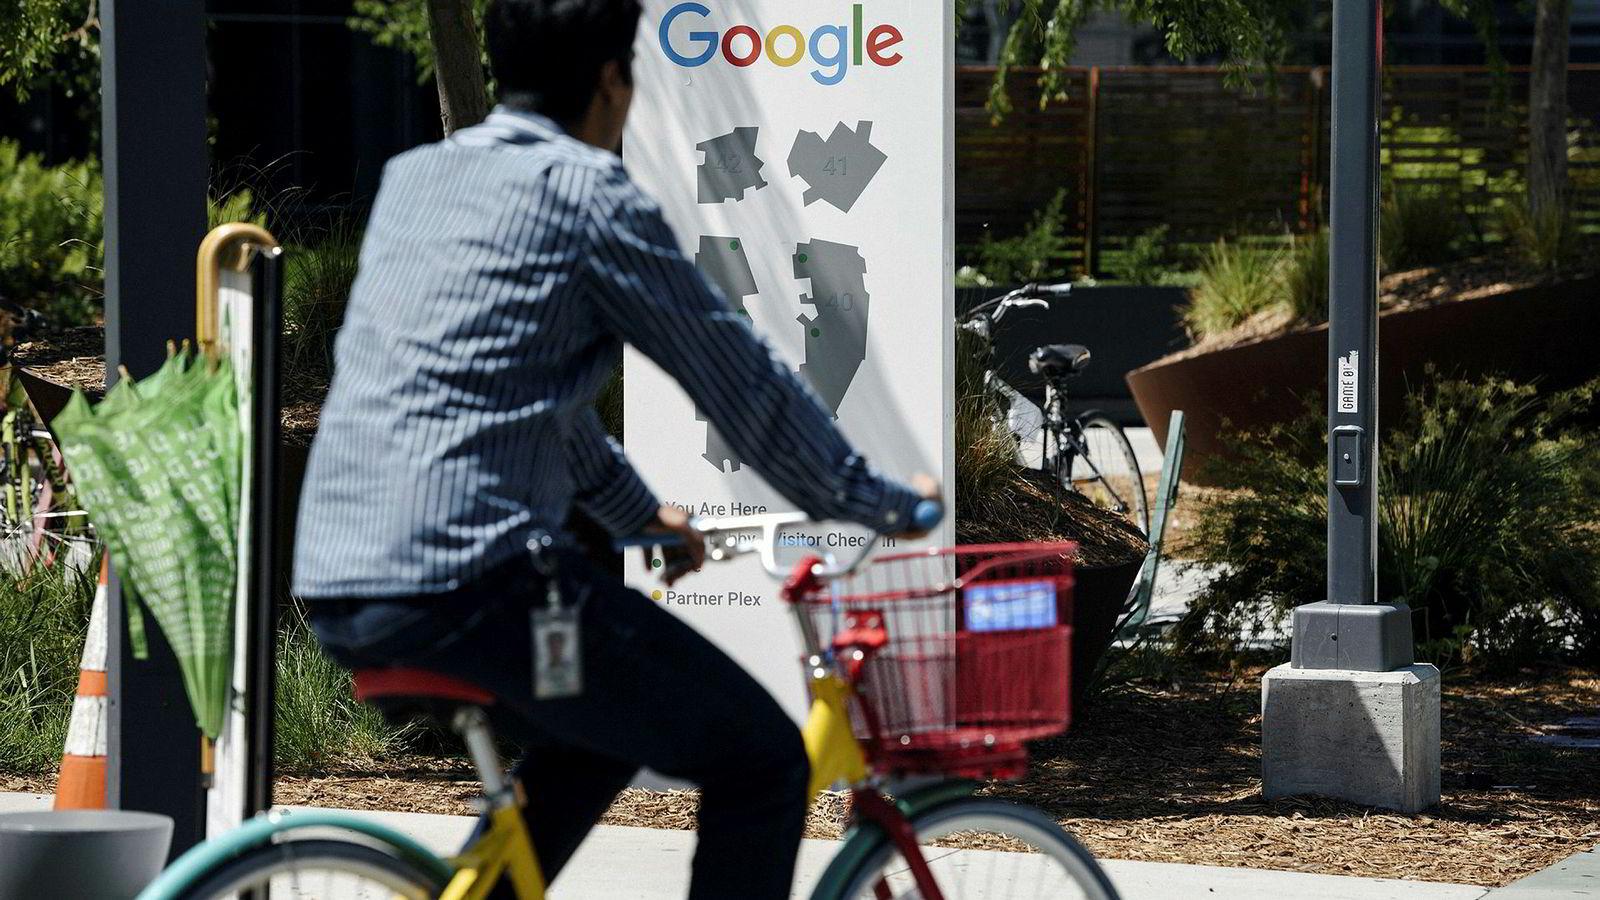 Denne uken avsa EU-domstolen to dommer som gir Google litt handlingsrom som søkemotor. Google har vært involvert i to ferske saker for EU-domstolen, som reiser prinsipielle spørsmål.